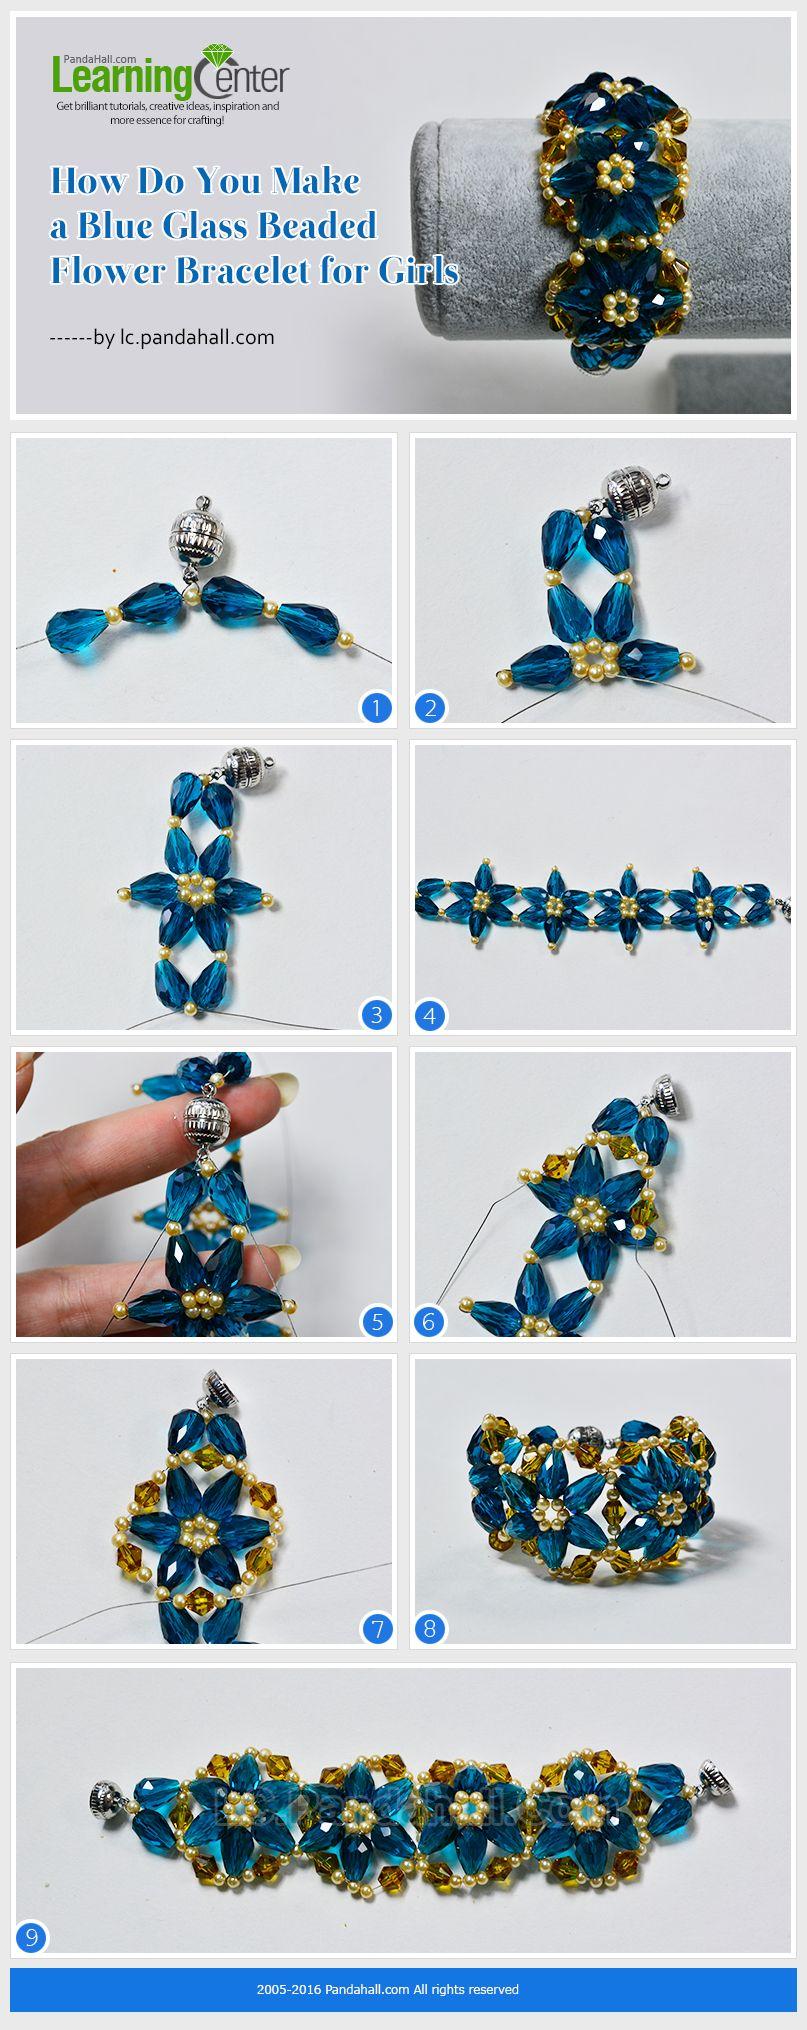 How Do You Make a Blue Glass Beaded Flower Bracelet for Girls from…